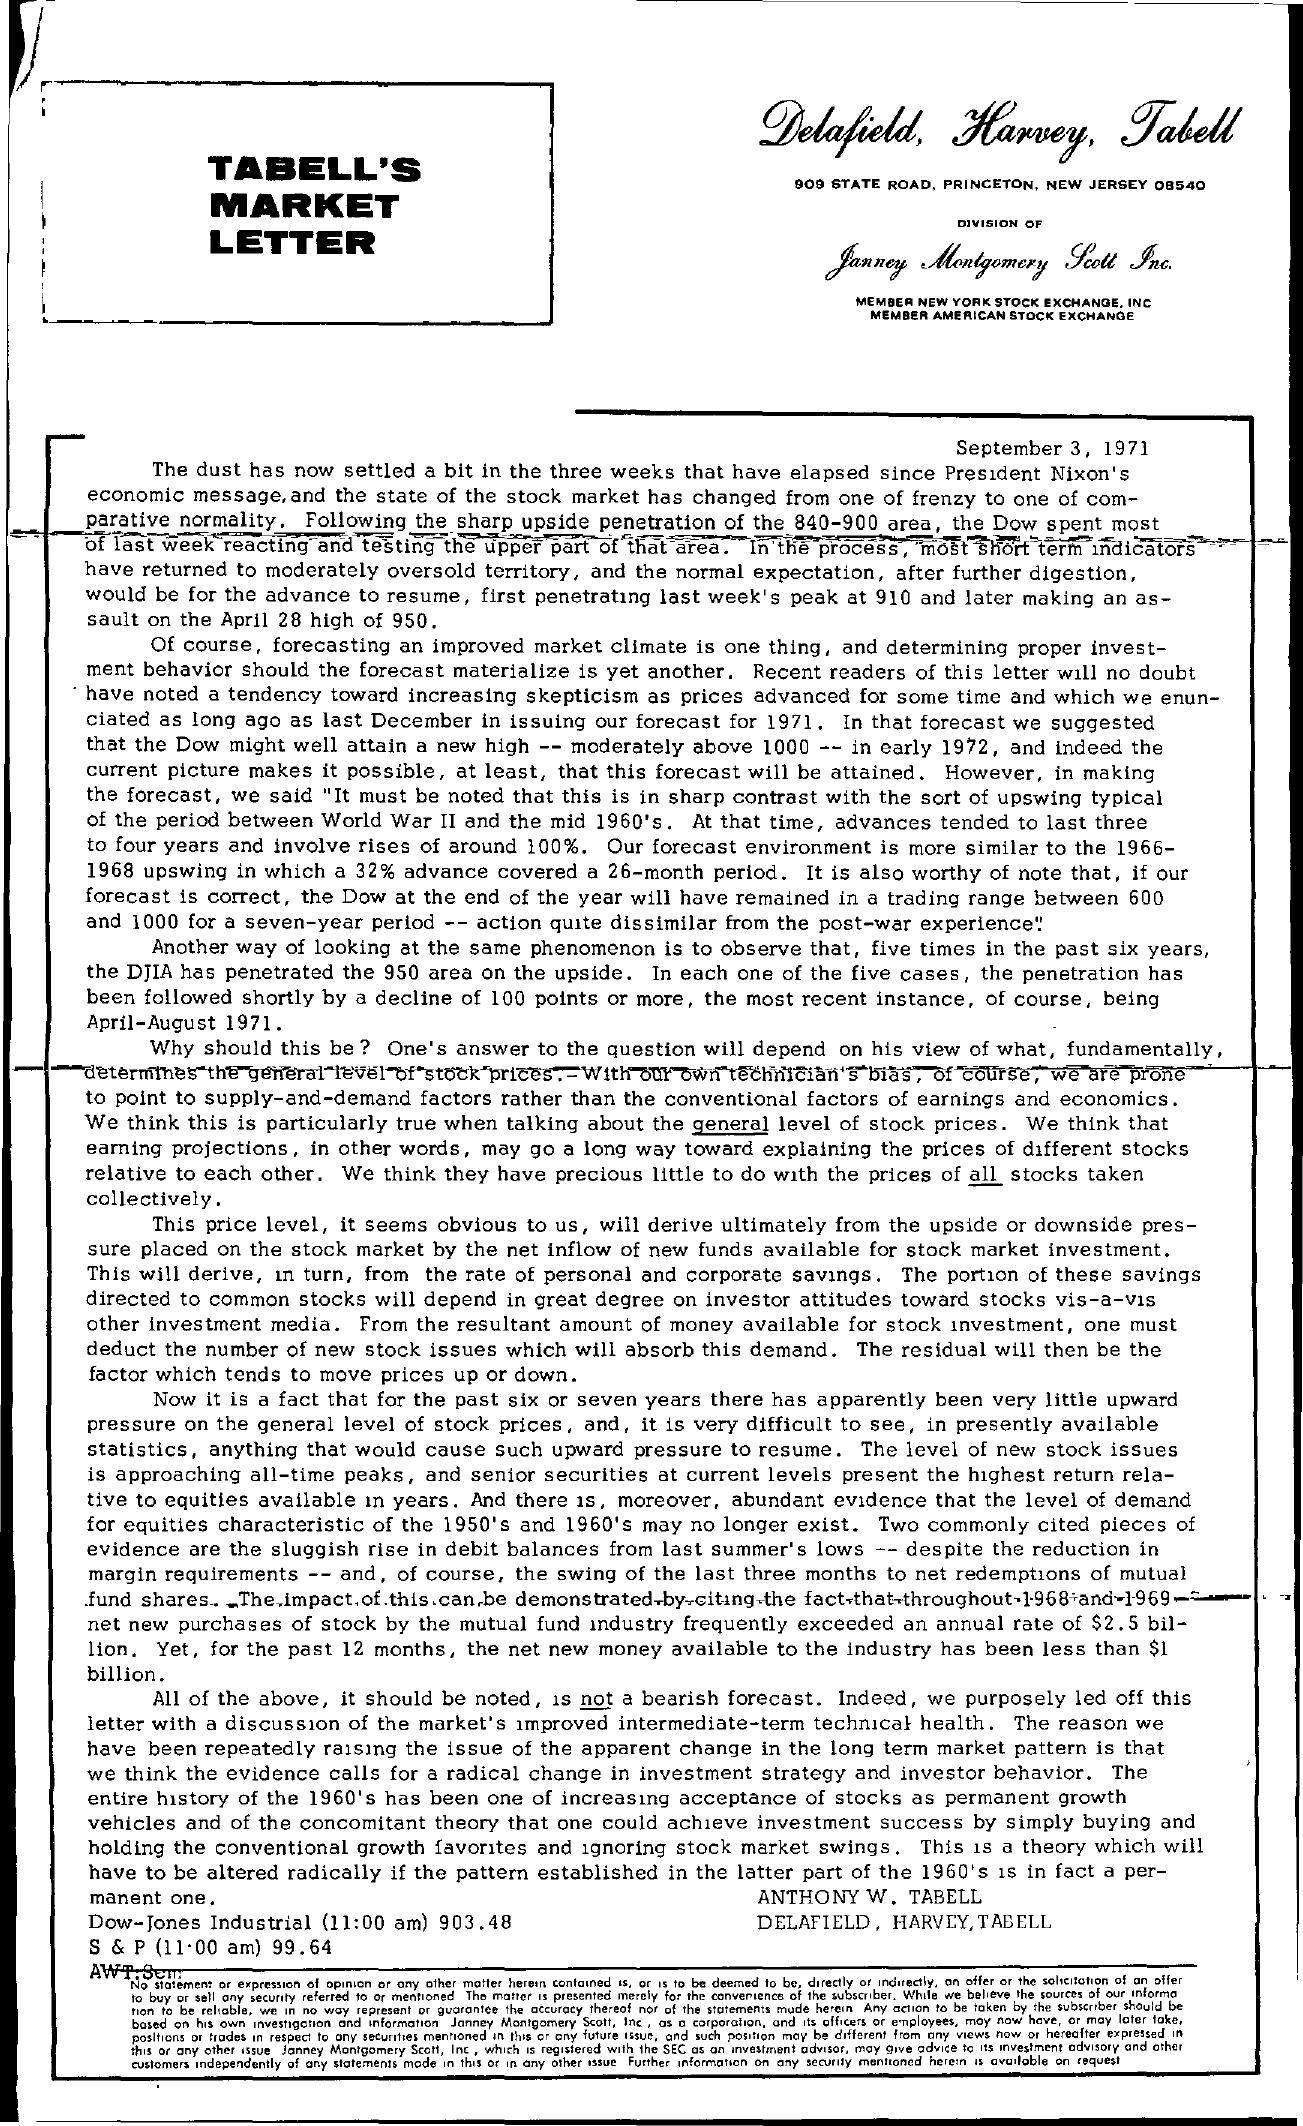 Tabell's Market Letter - September 03, 1971